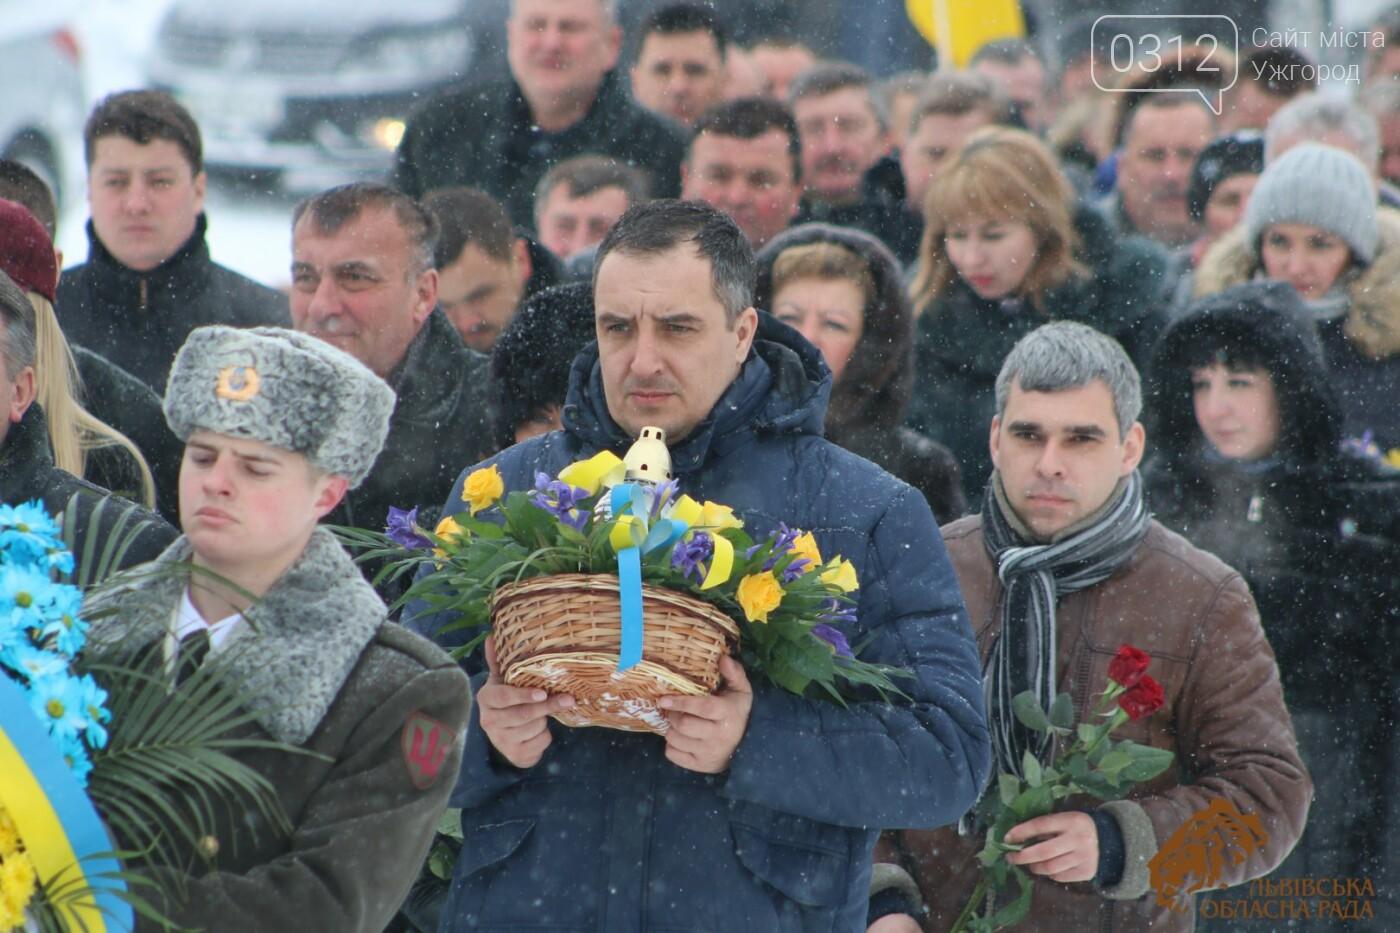 Закарпатці віддали шану полеглим січовикам Карпатської України на Верецькому перевалі (ФОТОРЕПОРТАЖ), фото-10